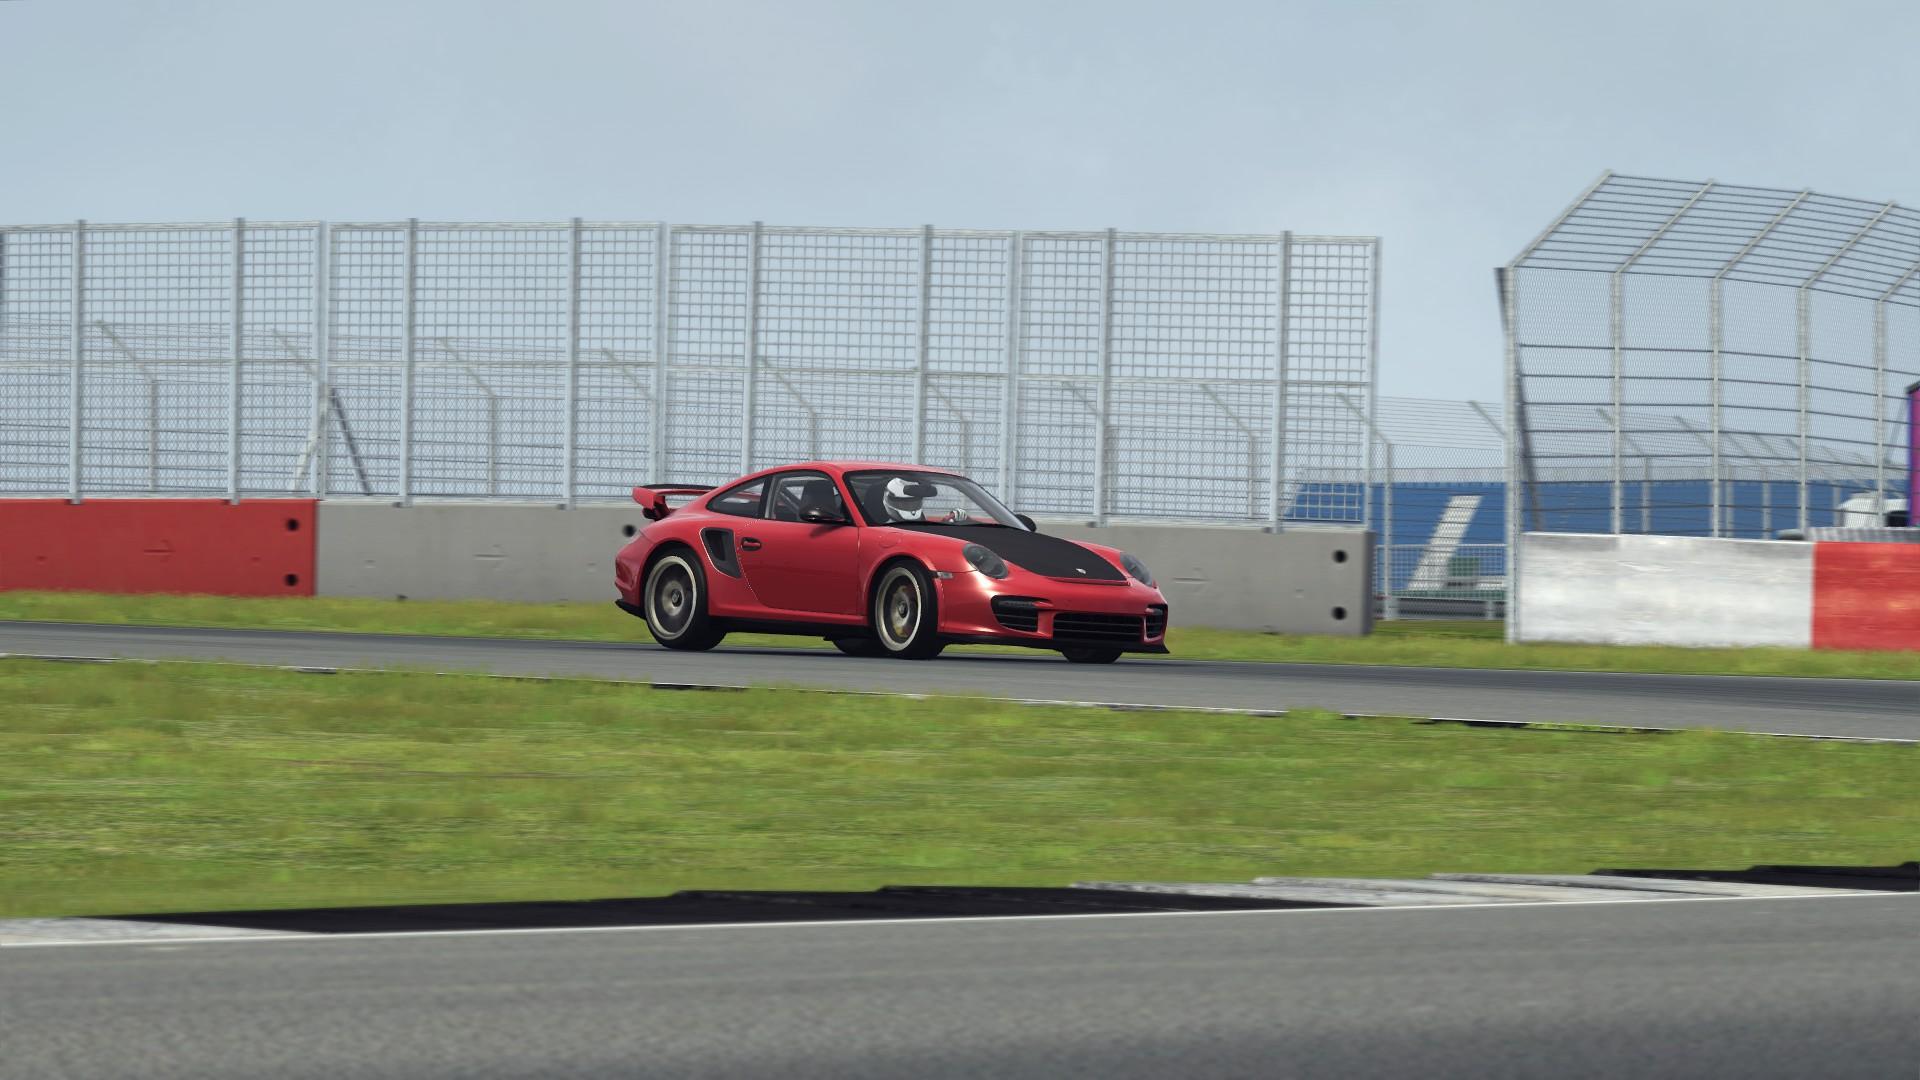 Porsche 997 GT2RS Assetto Corsa 1.14 070.jpg